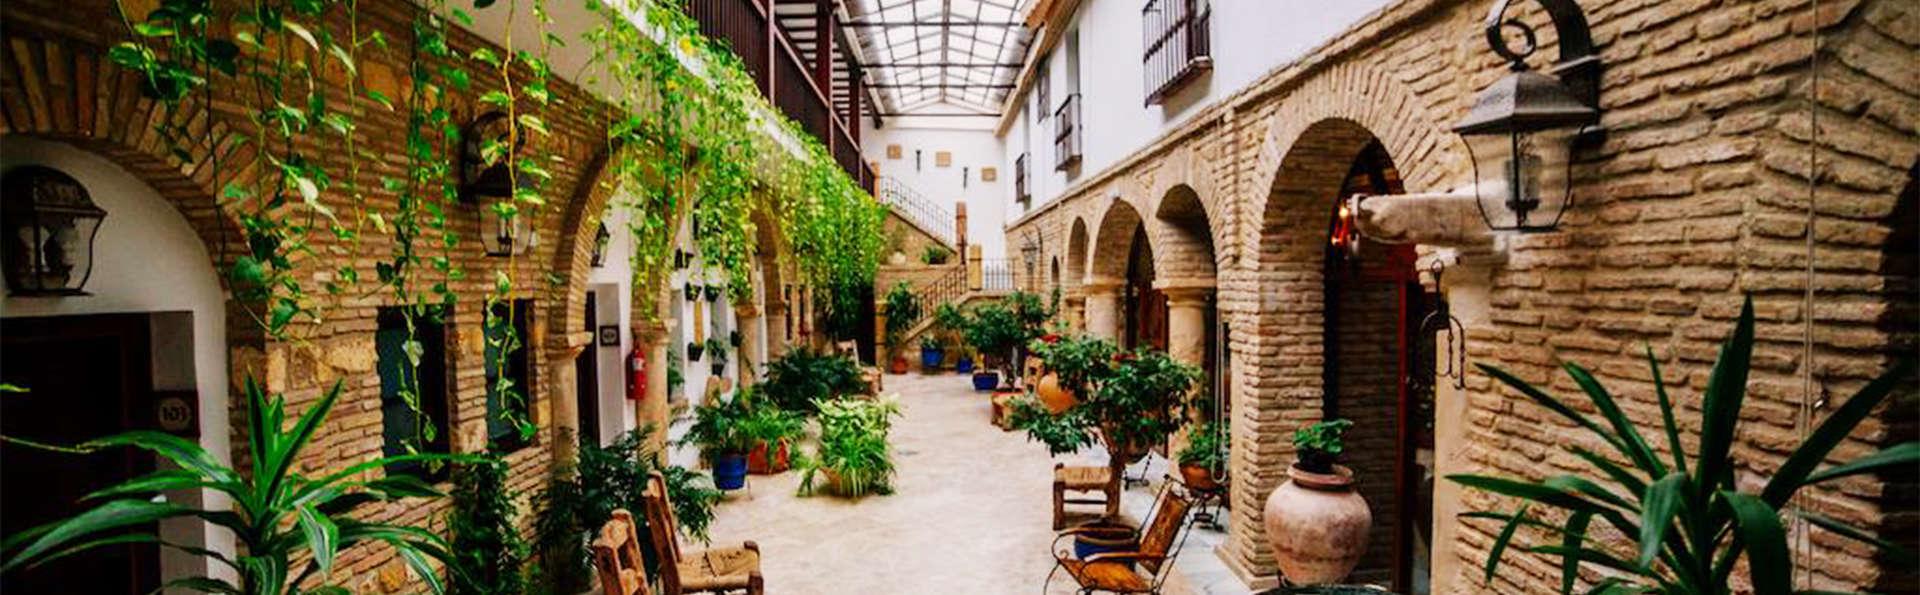 Escapada en Córdoba con vistas a la Mezquita